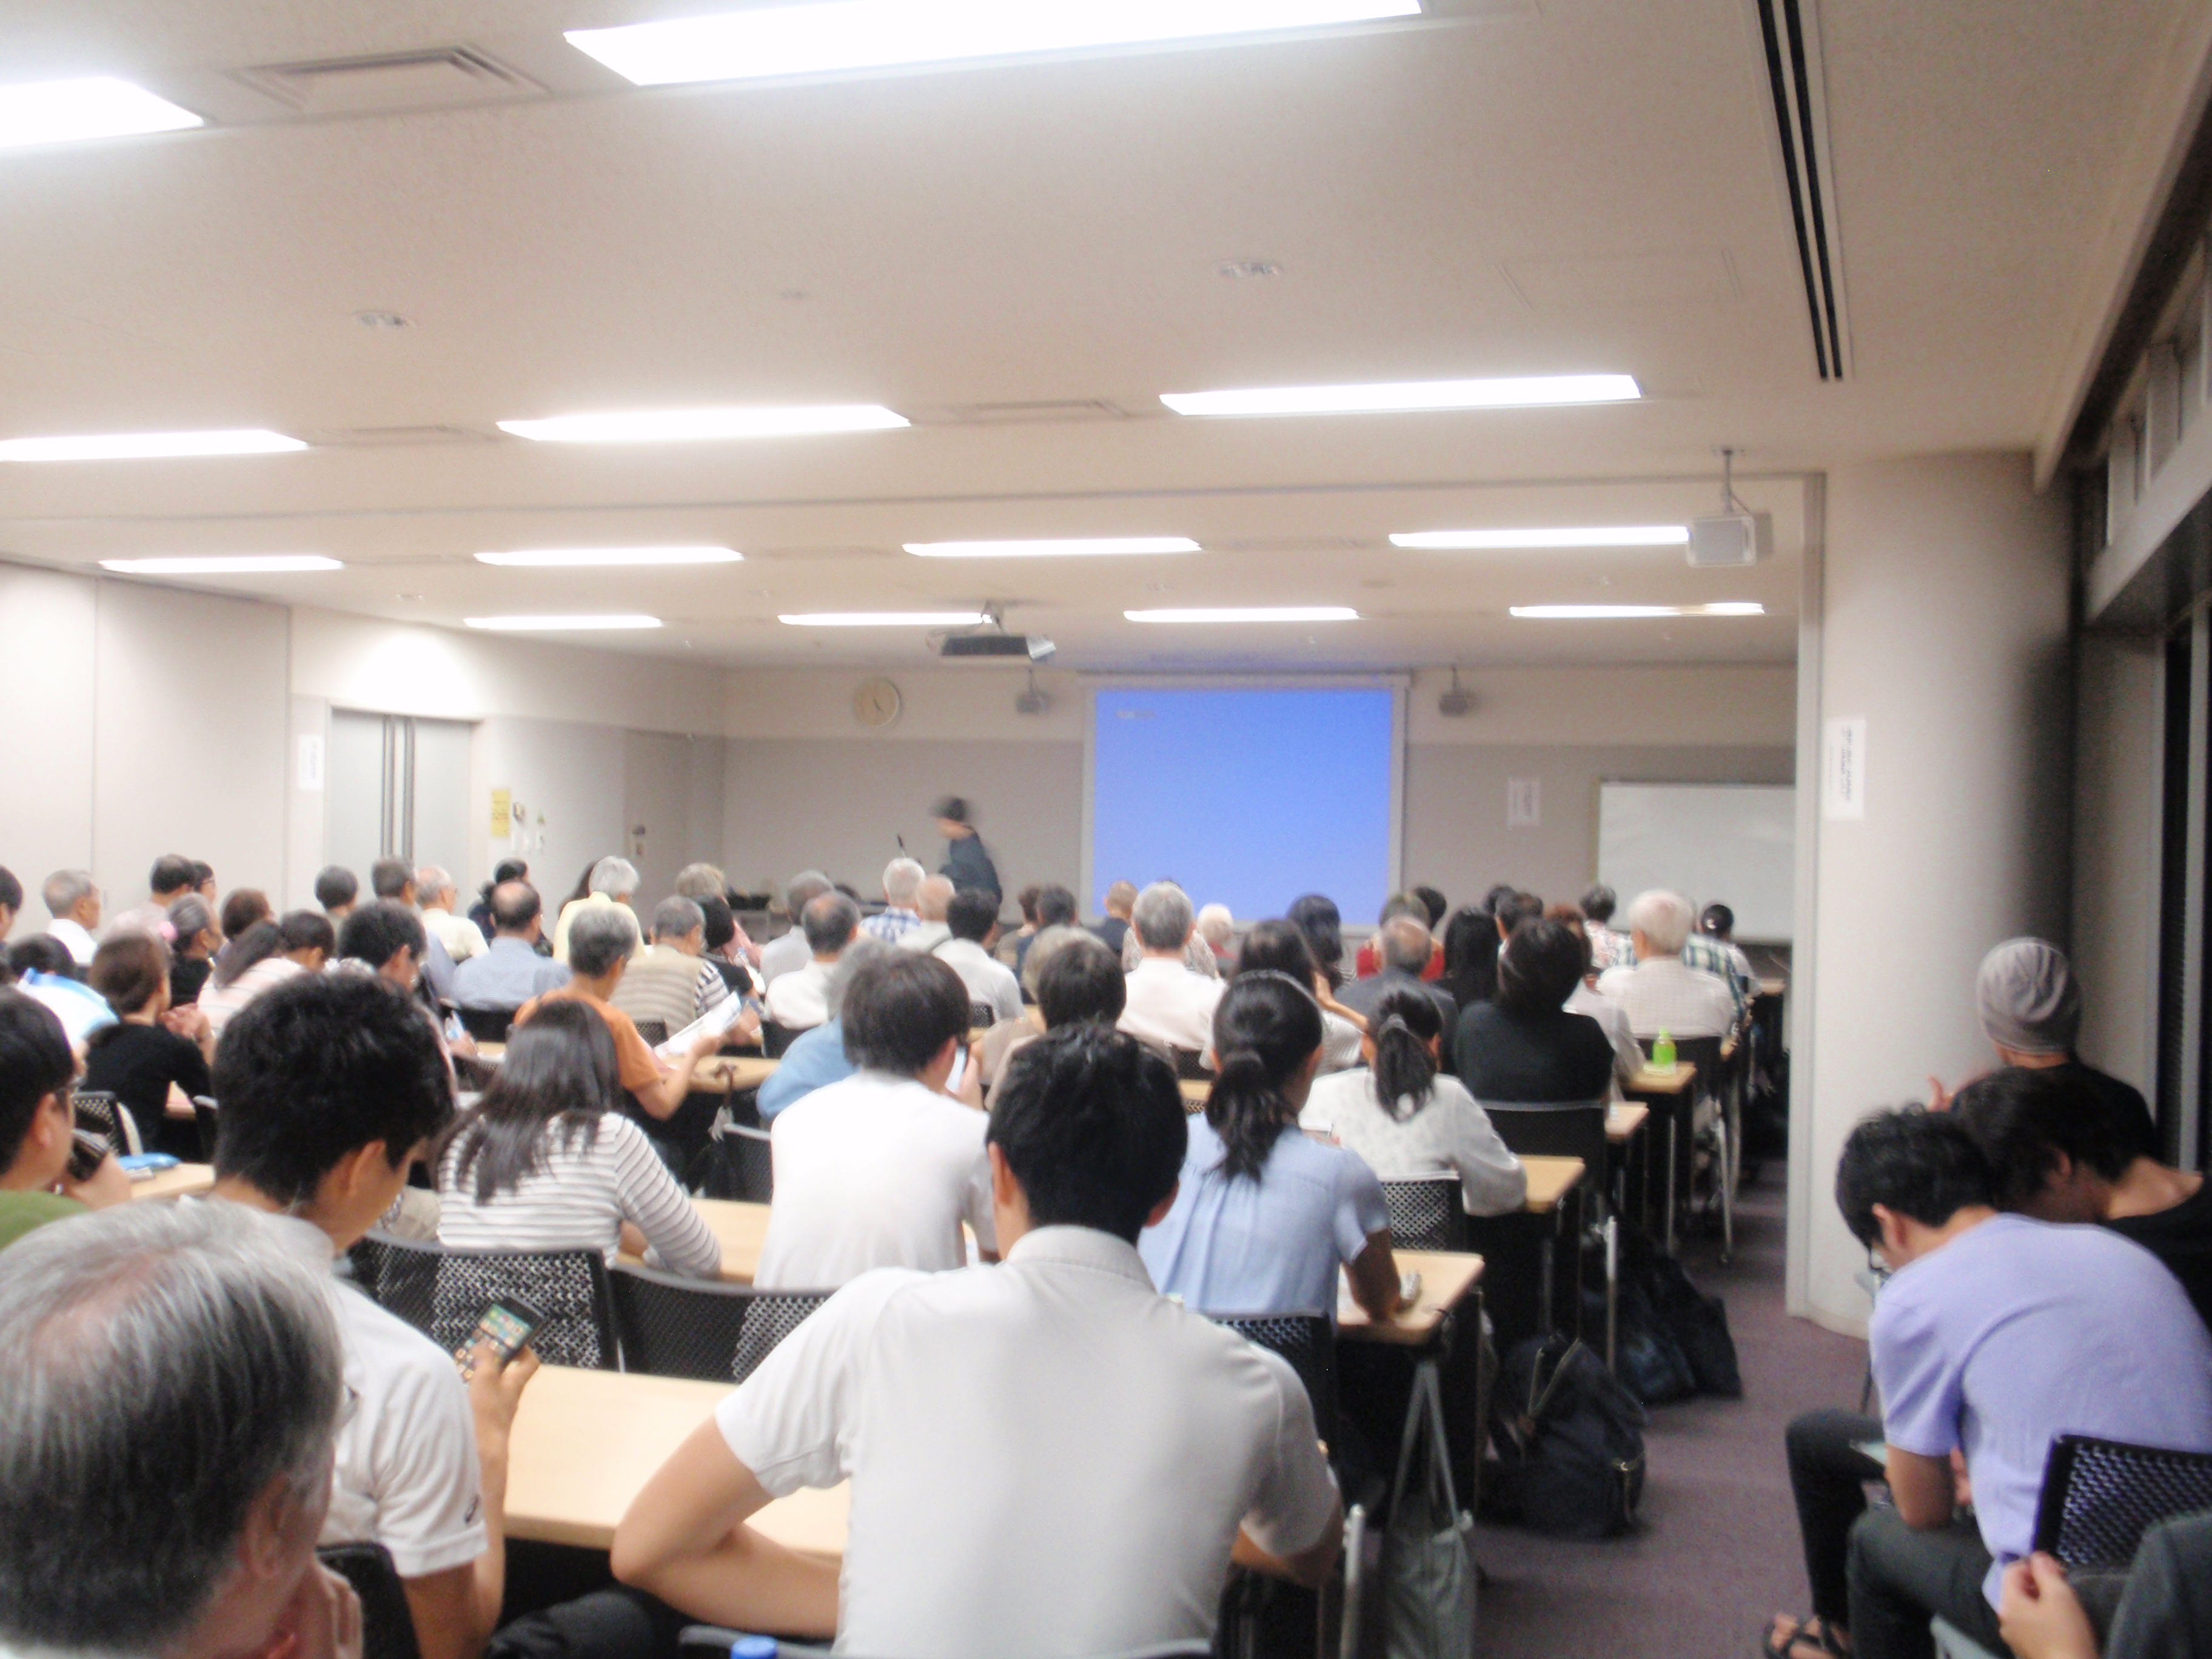 会場となった日吉キャンパス来往舎2階の大会議室。収容人数90名の会議室に130名以上の参加者が集まった